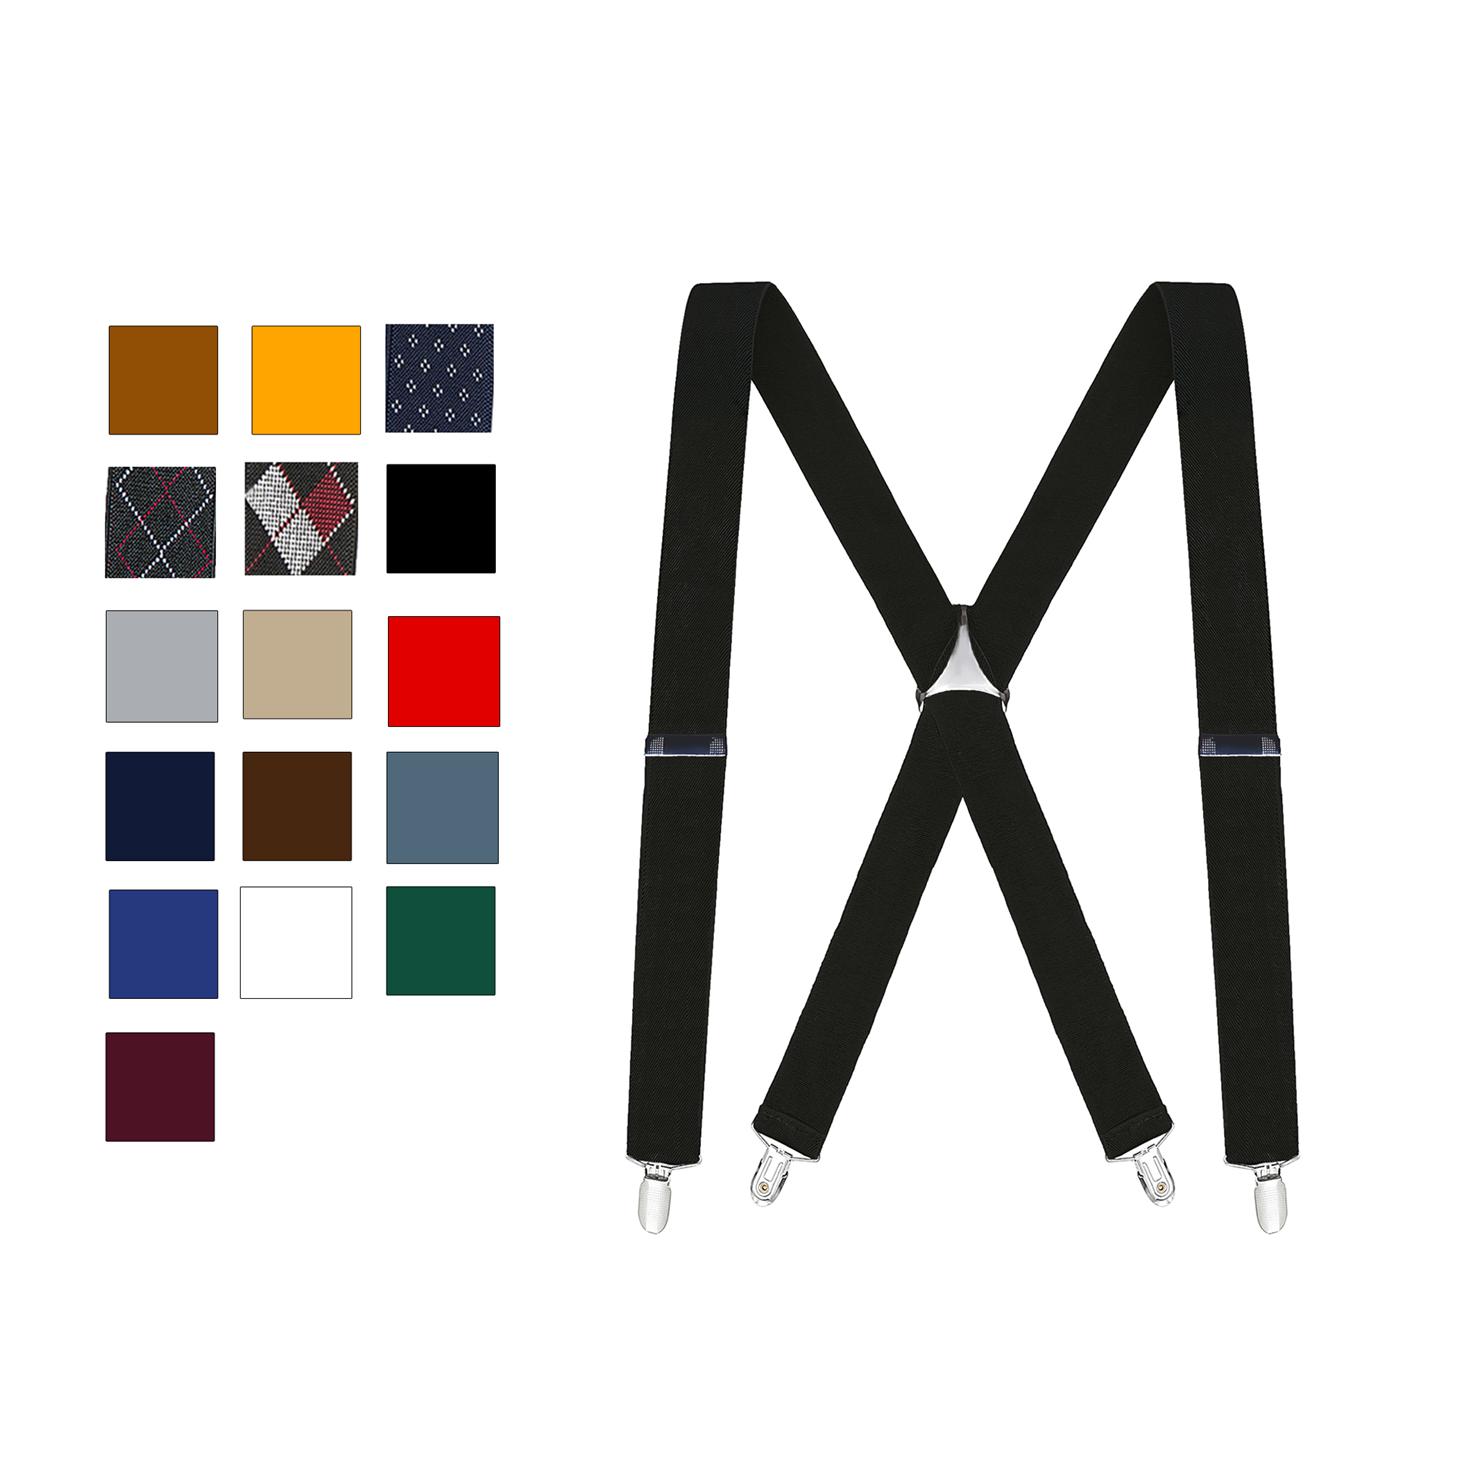 Buyless Fashion Adjustable Elastic Men's X Back Braces - 1 1/4